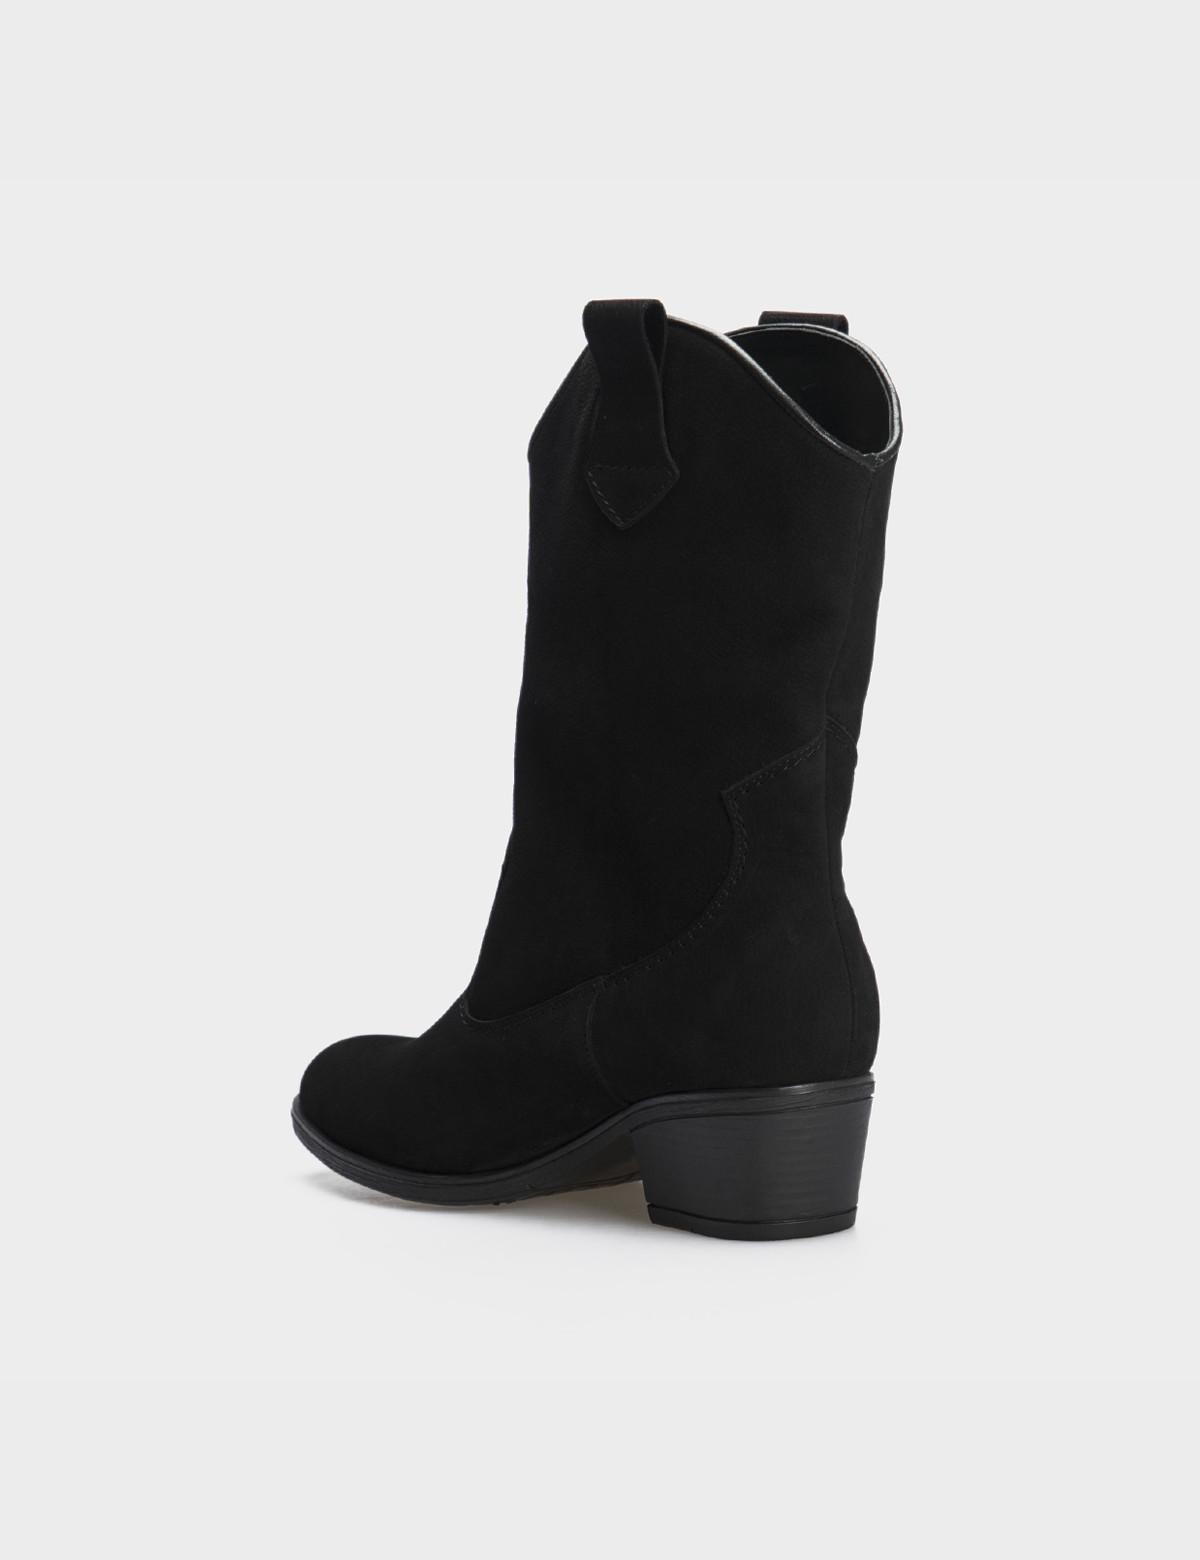 Ботинки черные натуральный нубук. Байка2